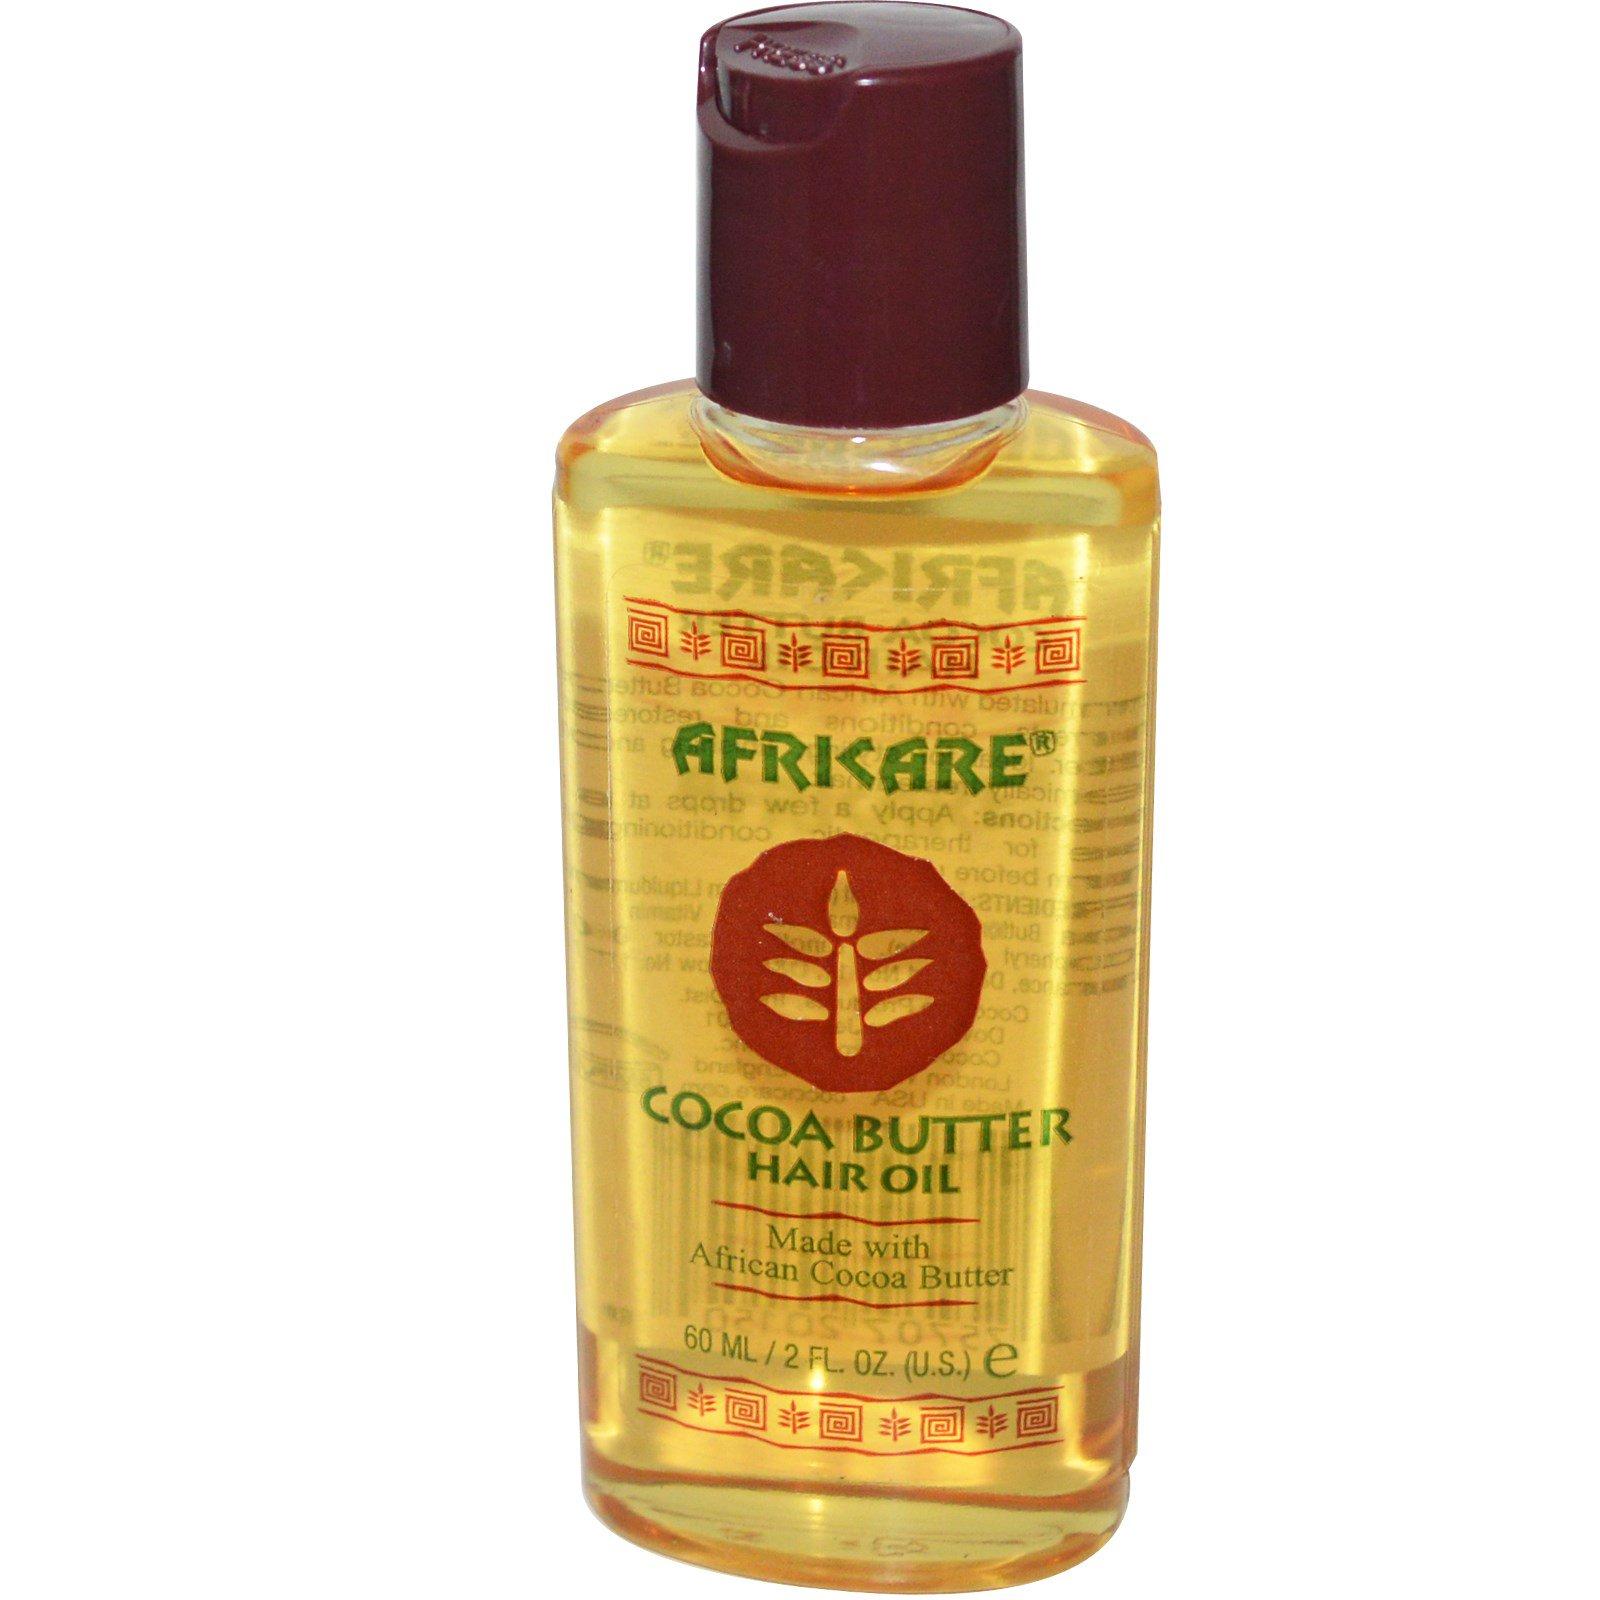 Cococare, Африкэр, масло для волос с какао, 60 мл (2 жидкие унции)